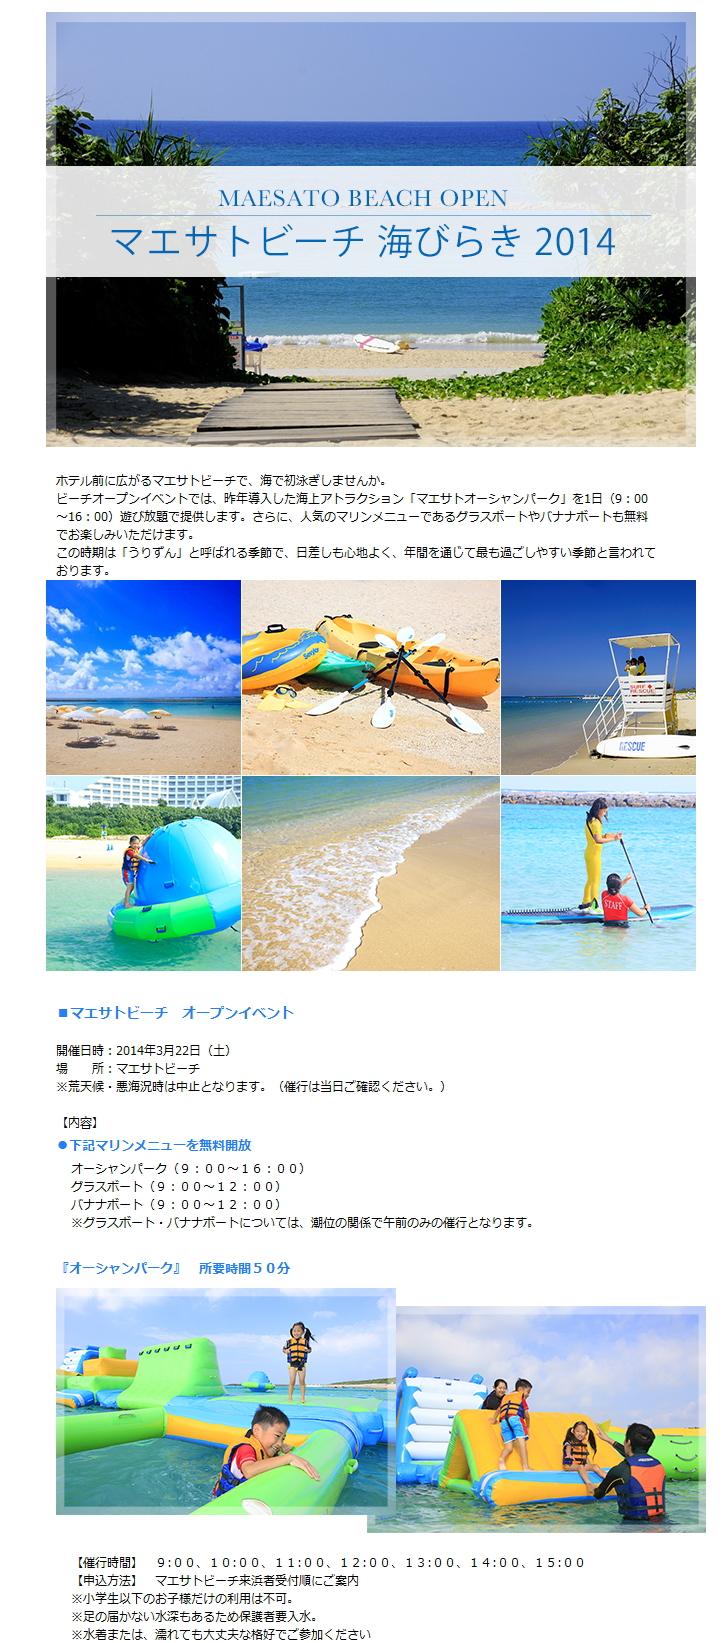 海開き2014